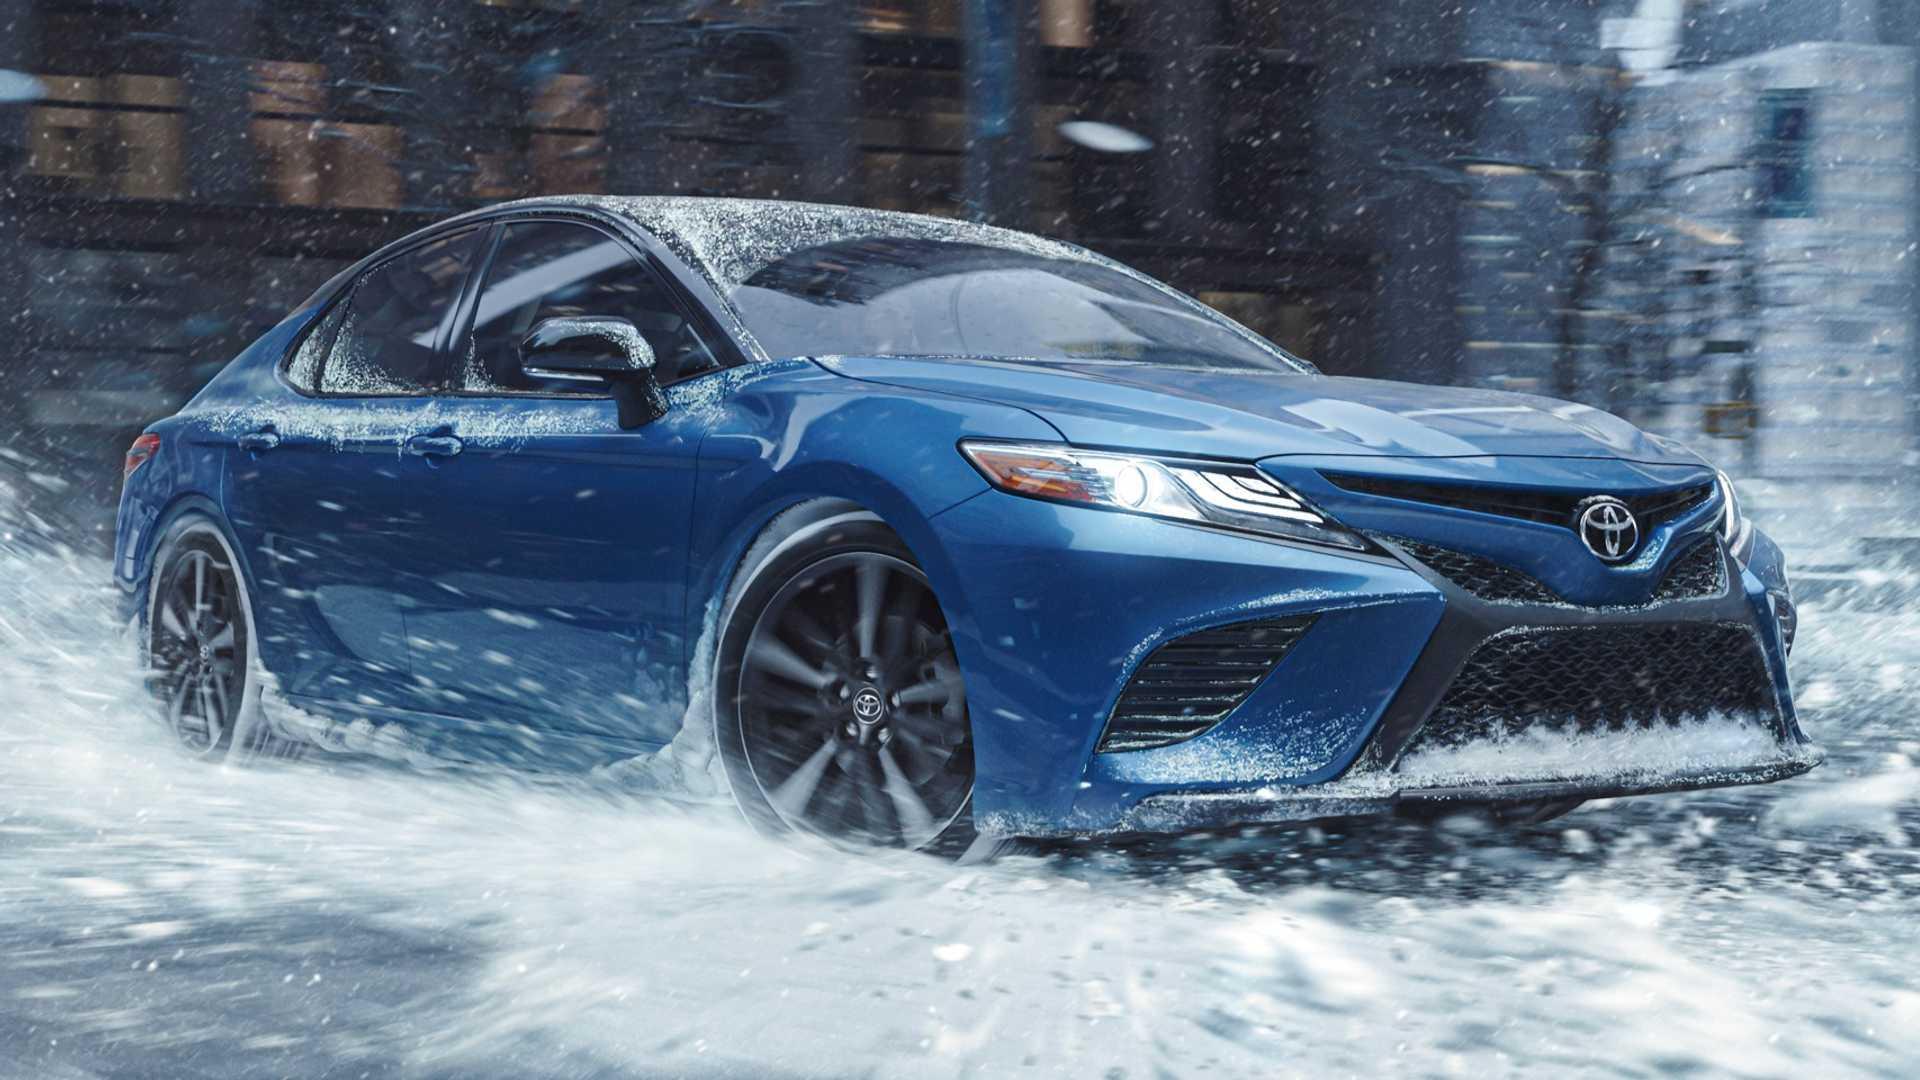 Новую Toyota Camry 2020 подготовили к украинским зимам